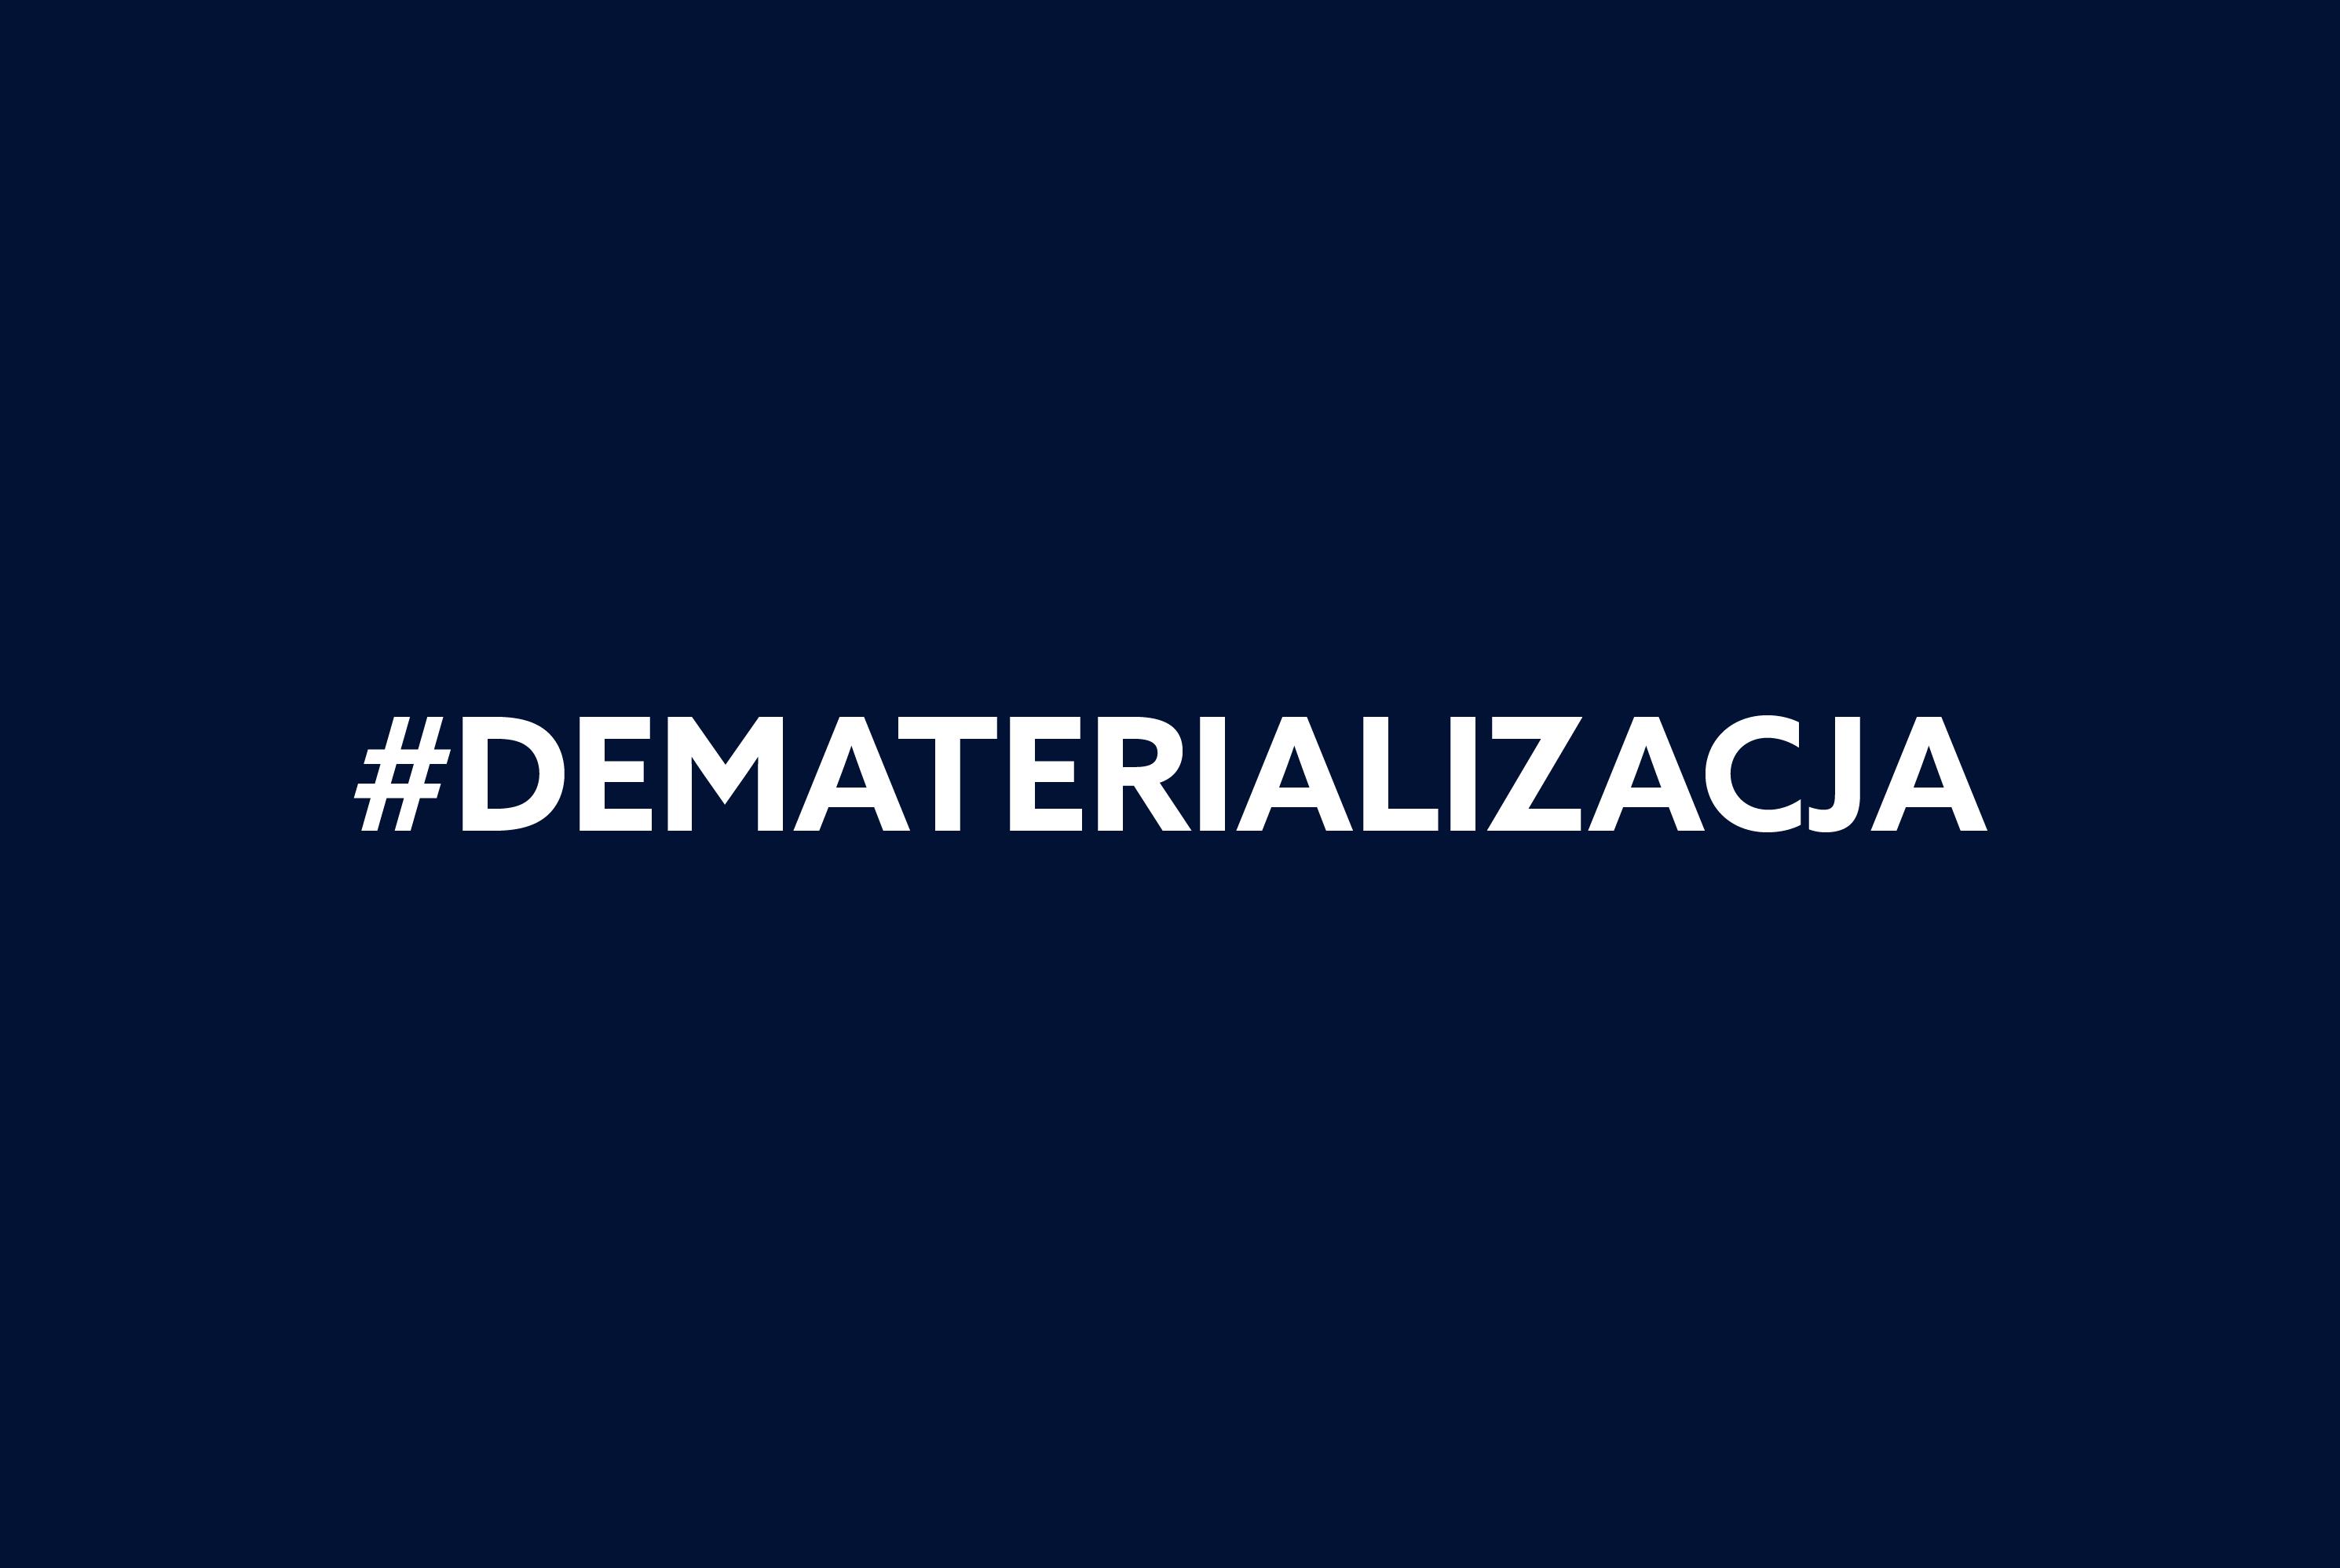 Informacja dla Akcjonariuszy nt. obowiązkowej dematerializacji akcji